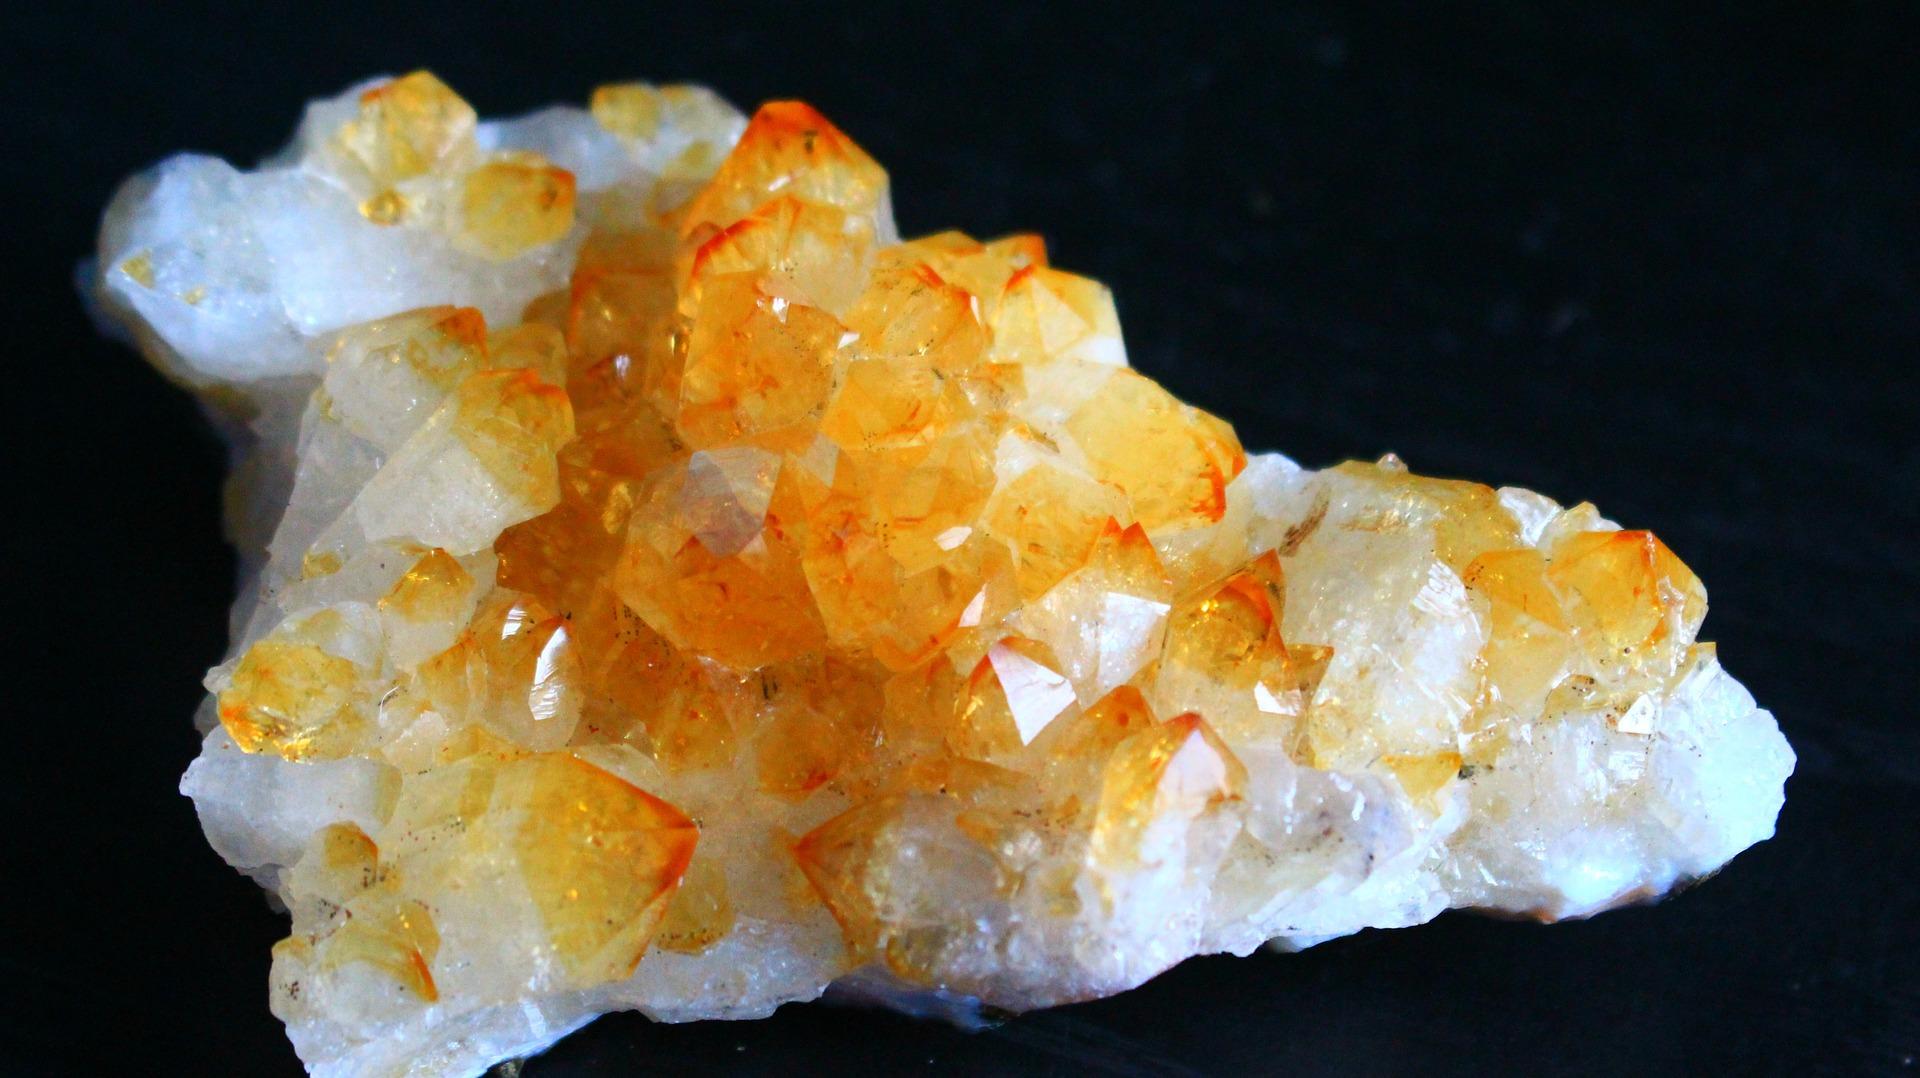 Zázraky na požádání – blesková odezva krystalové mřížky